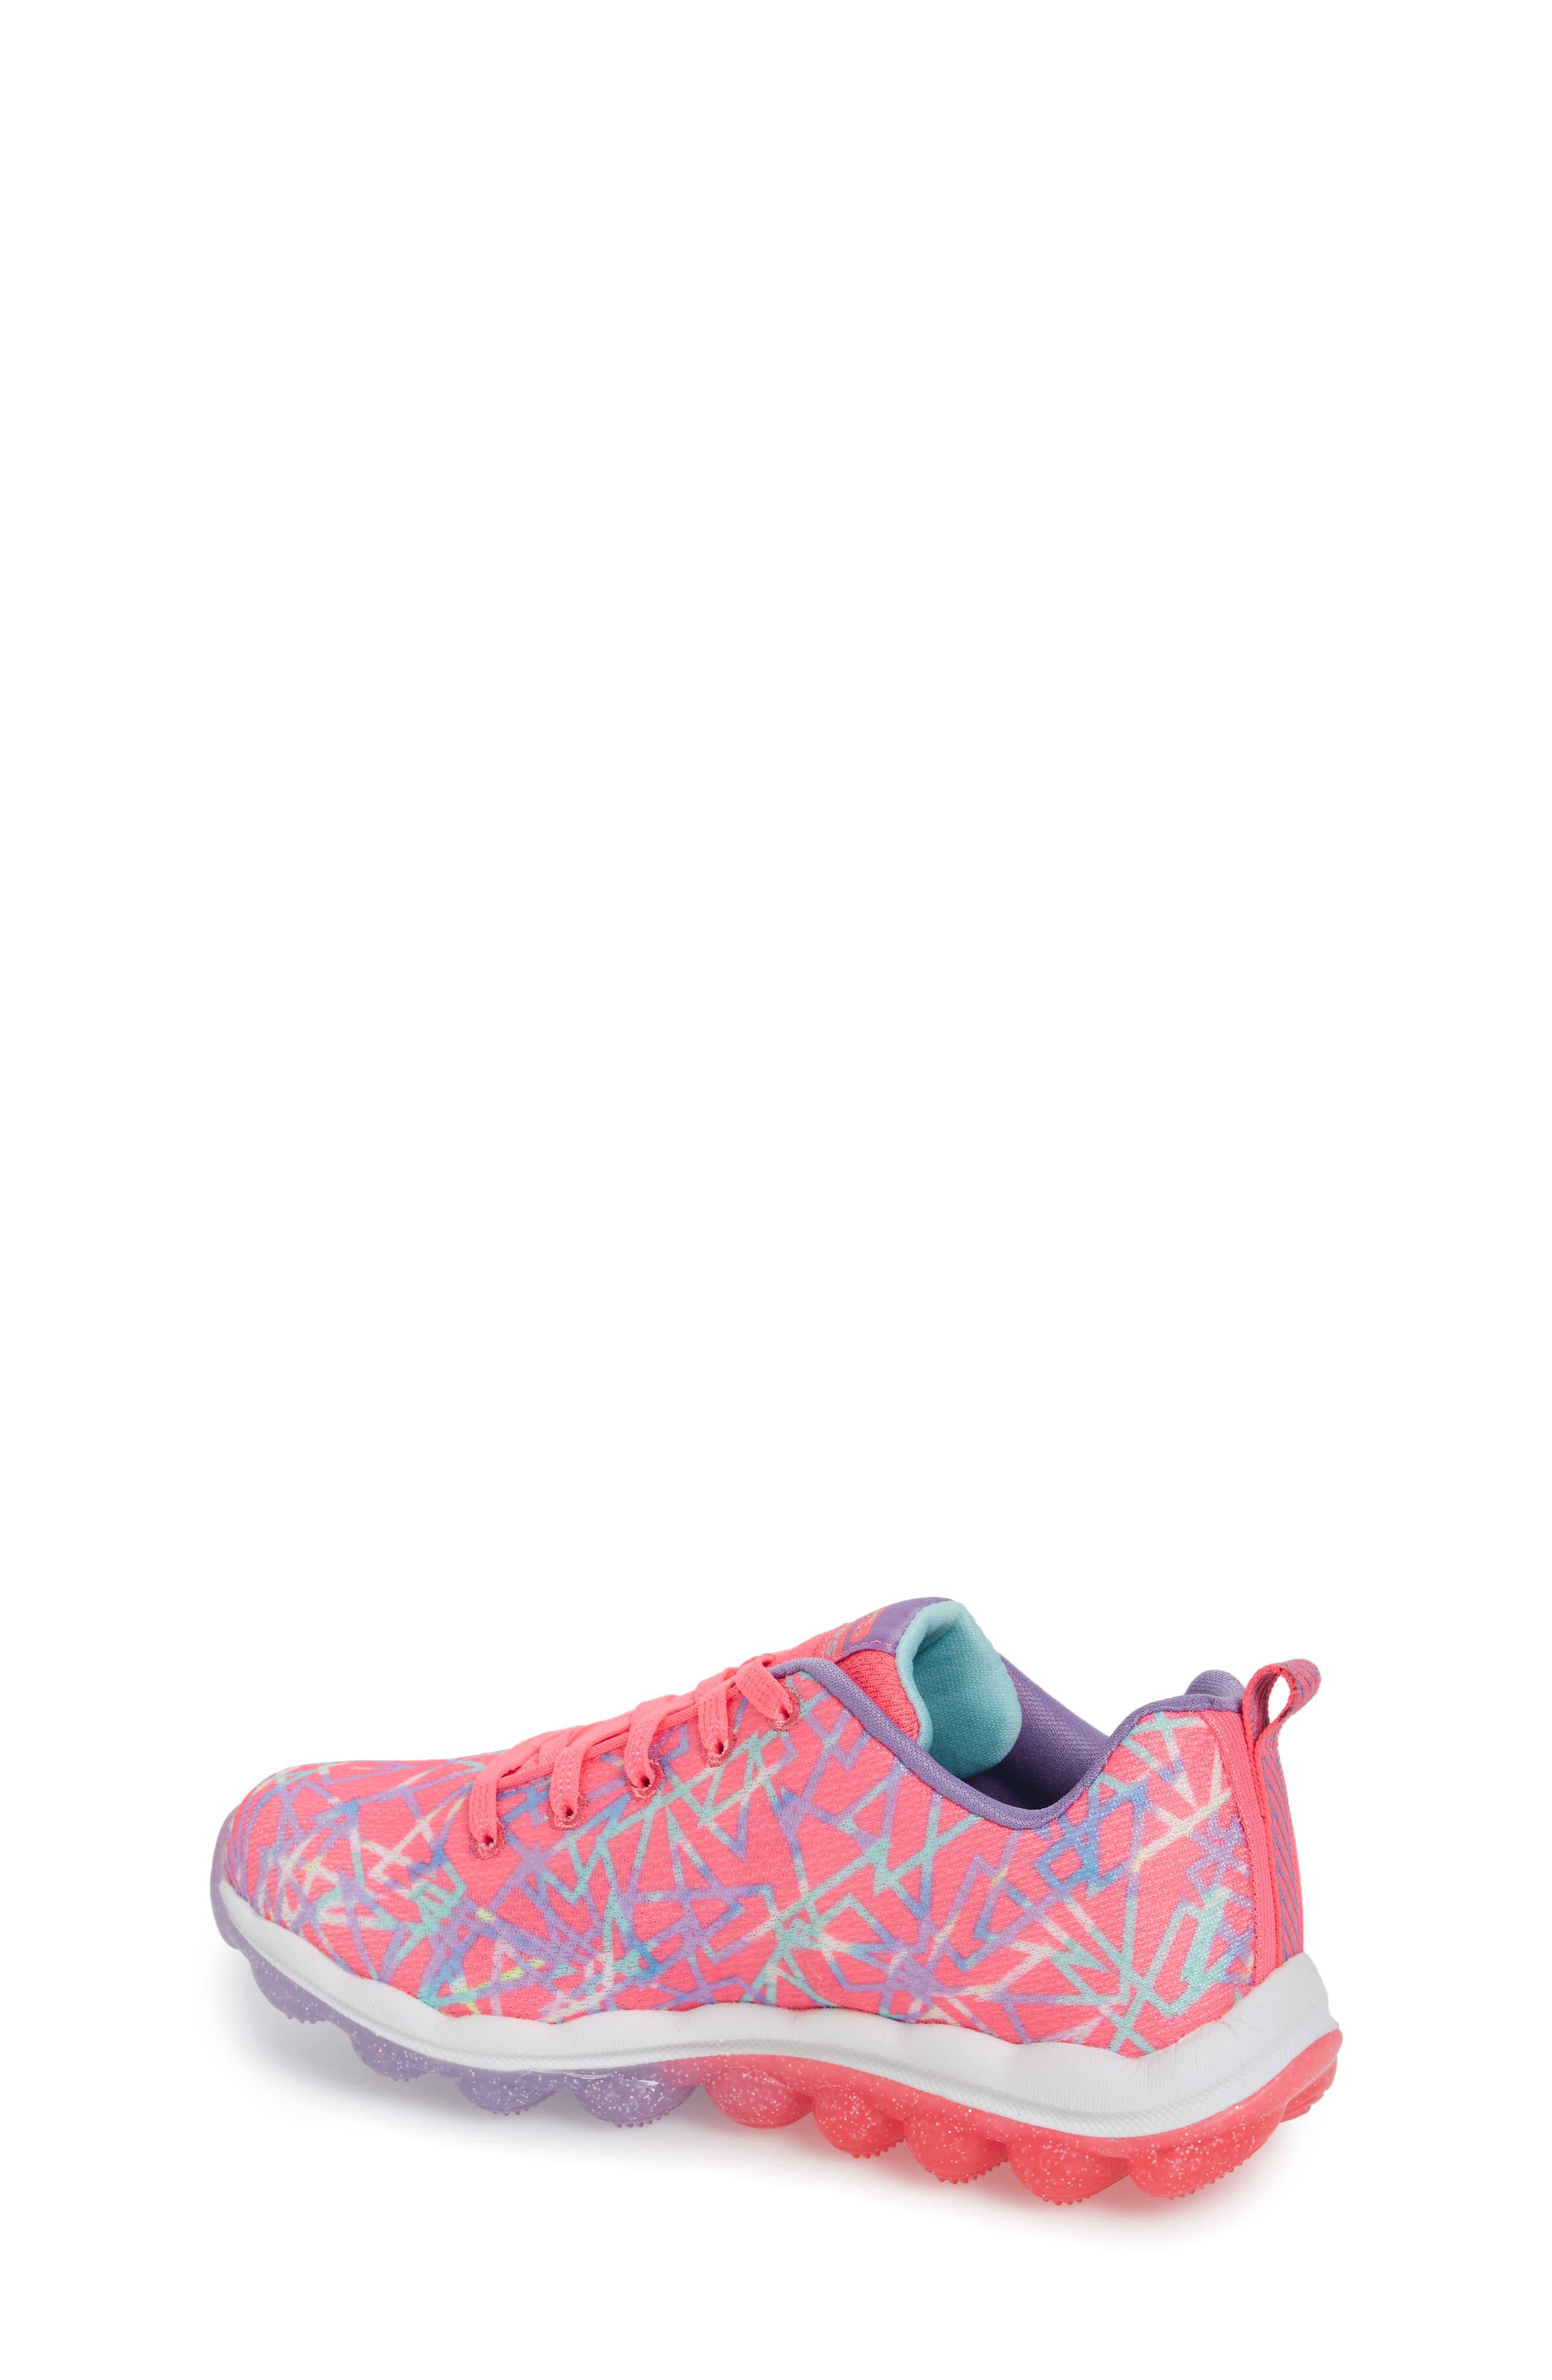 Skech-Air Sneaker,                             Alternate thumbnail 2, color,                             Pink